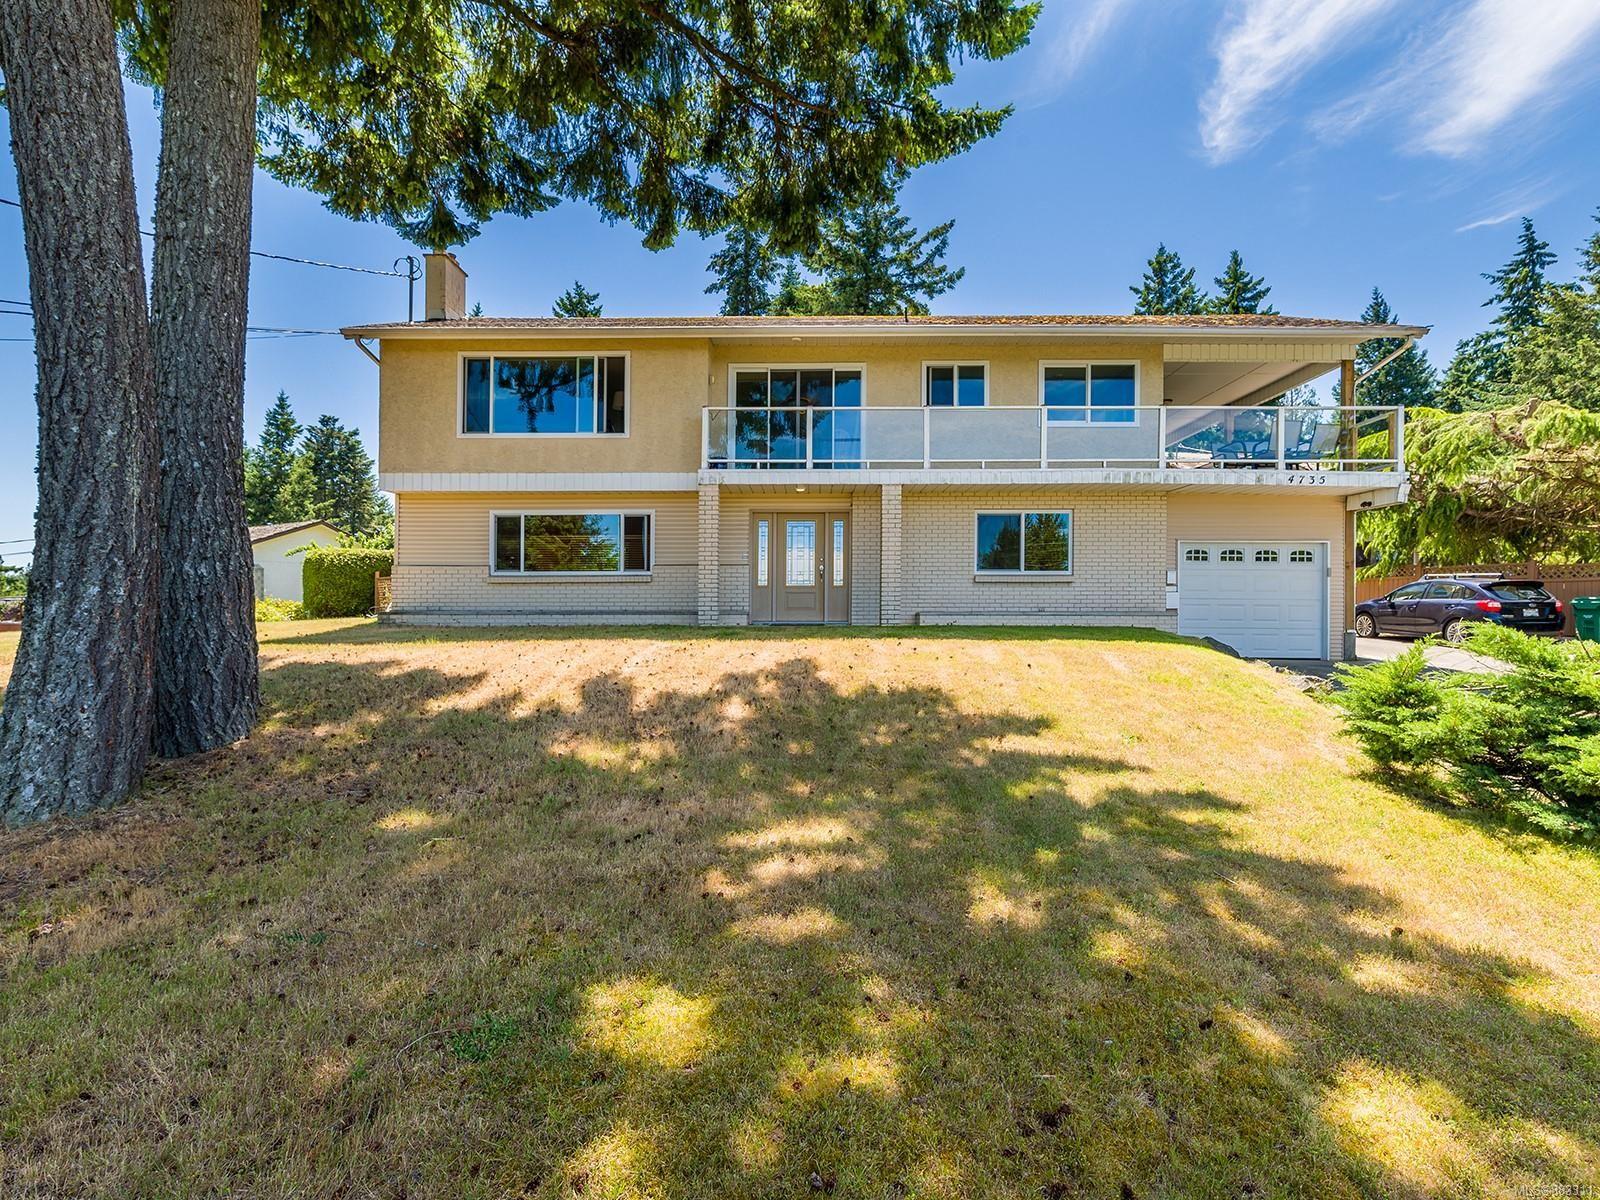 Main Photo: 4735 Lost Lake Rd in : Na North Nanaimo House for sale (Nanaimo)  : MLS®# 883311